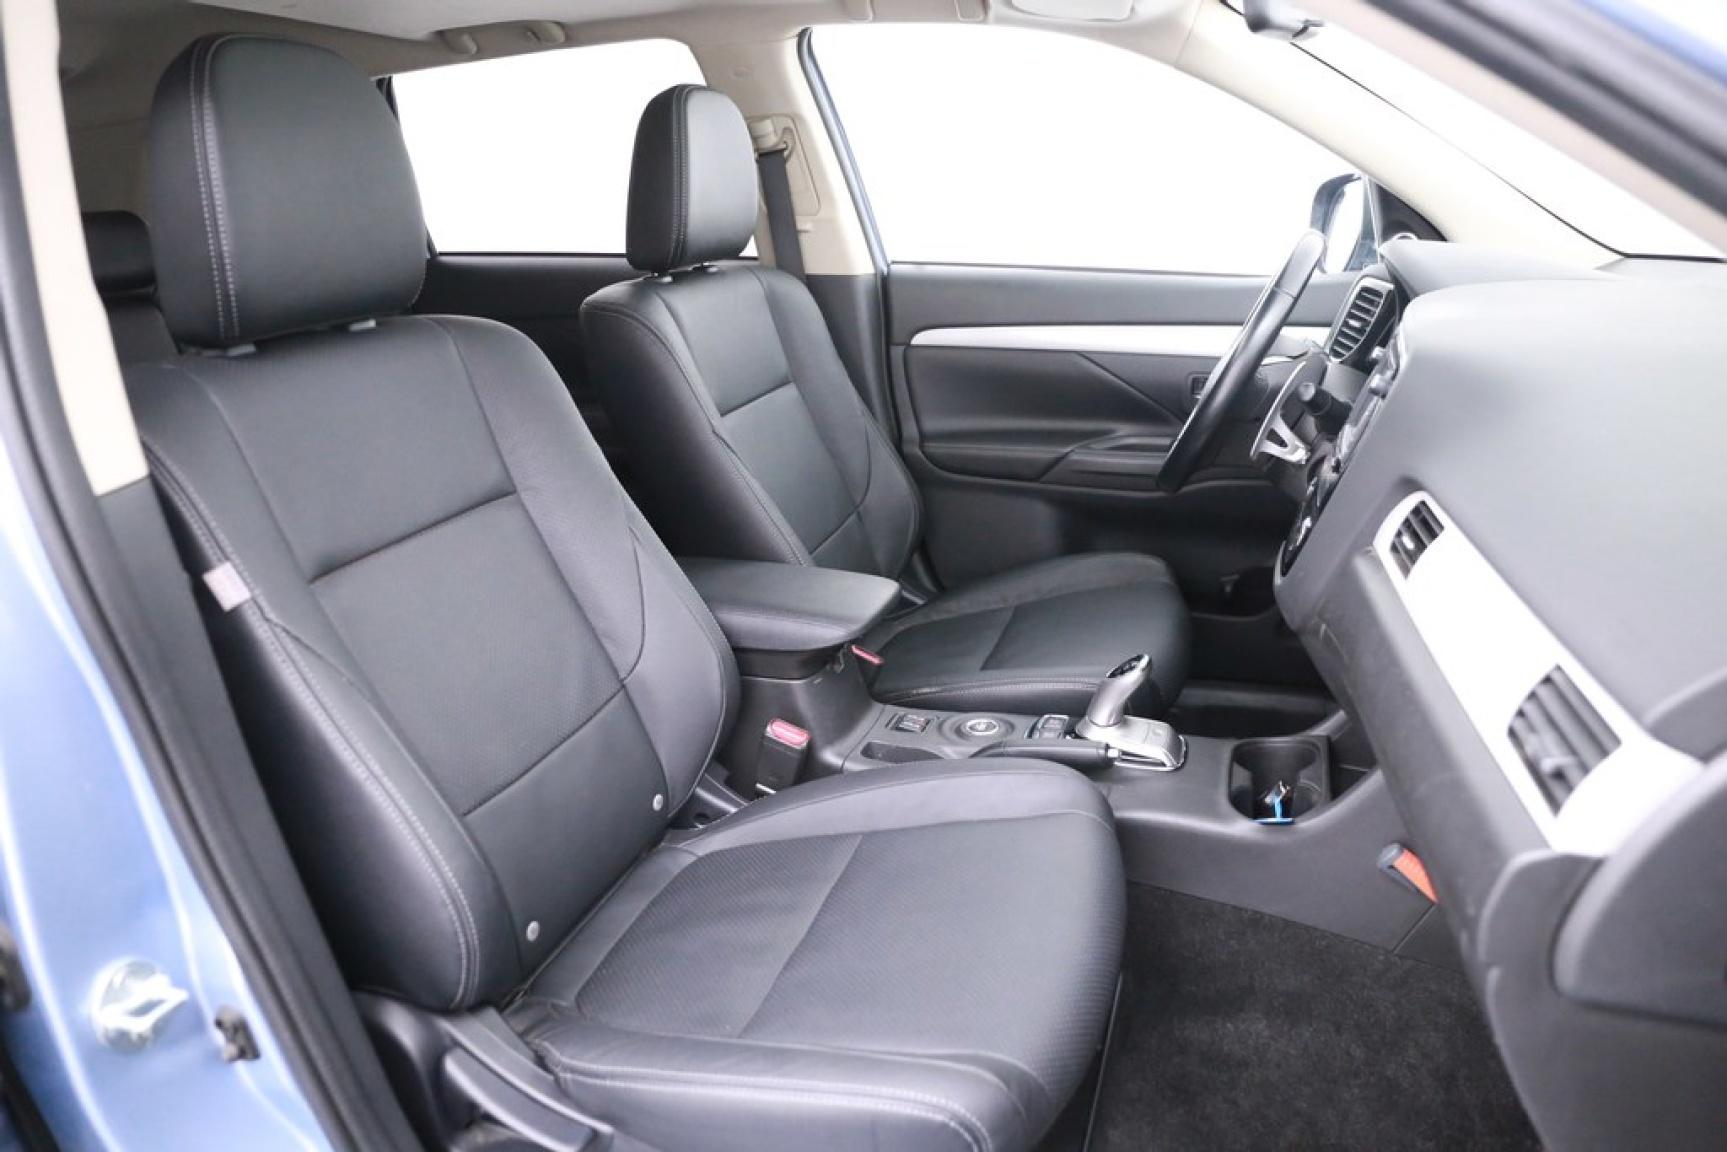 Mitsubishi-Outlander-39